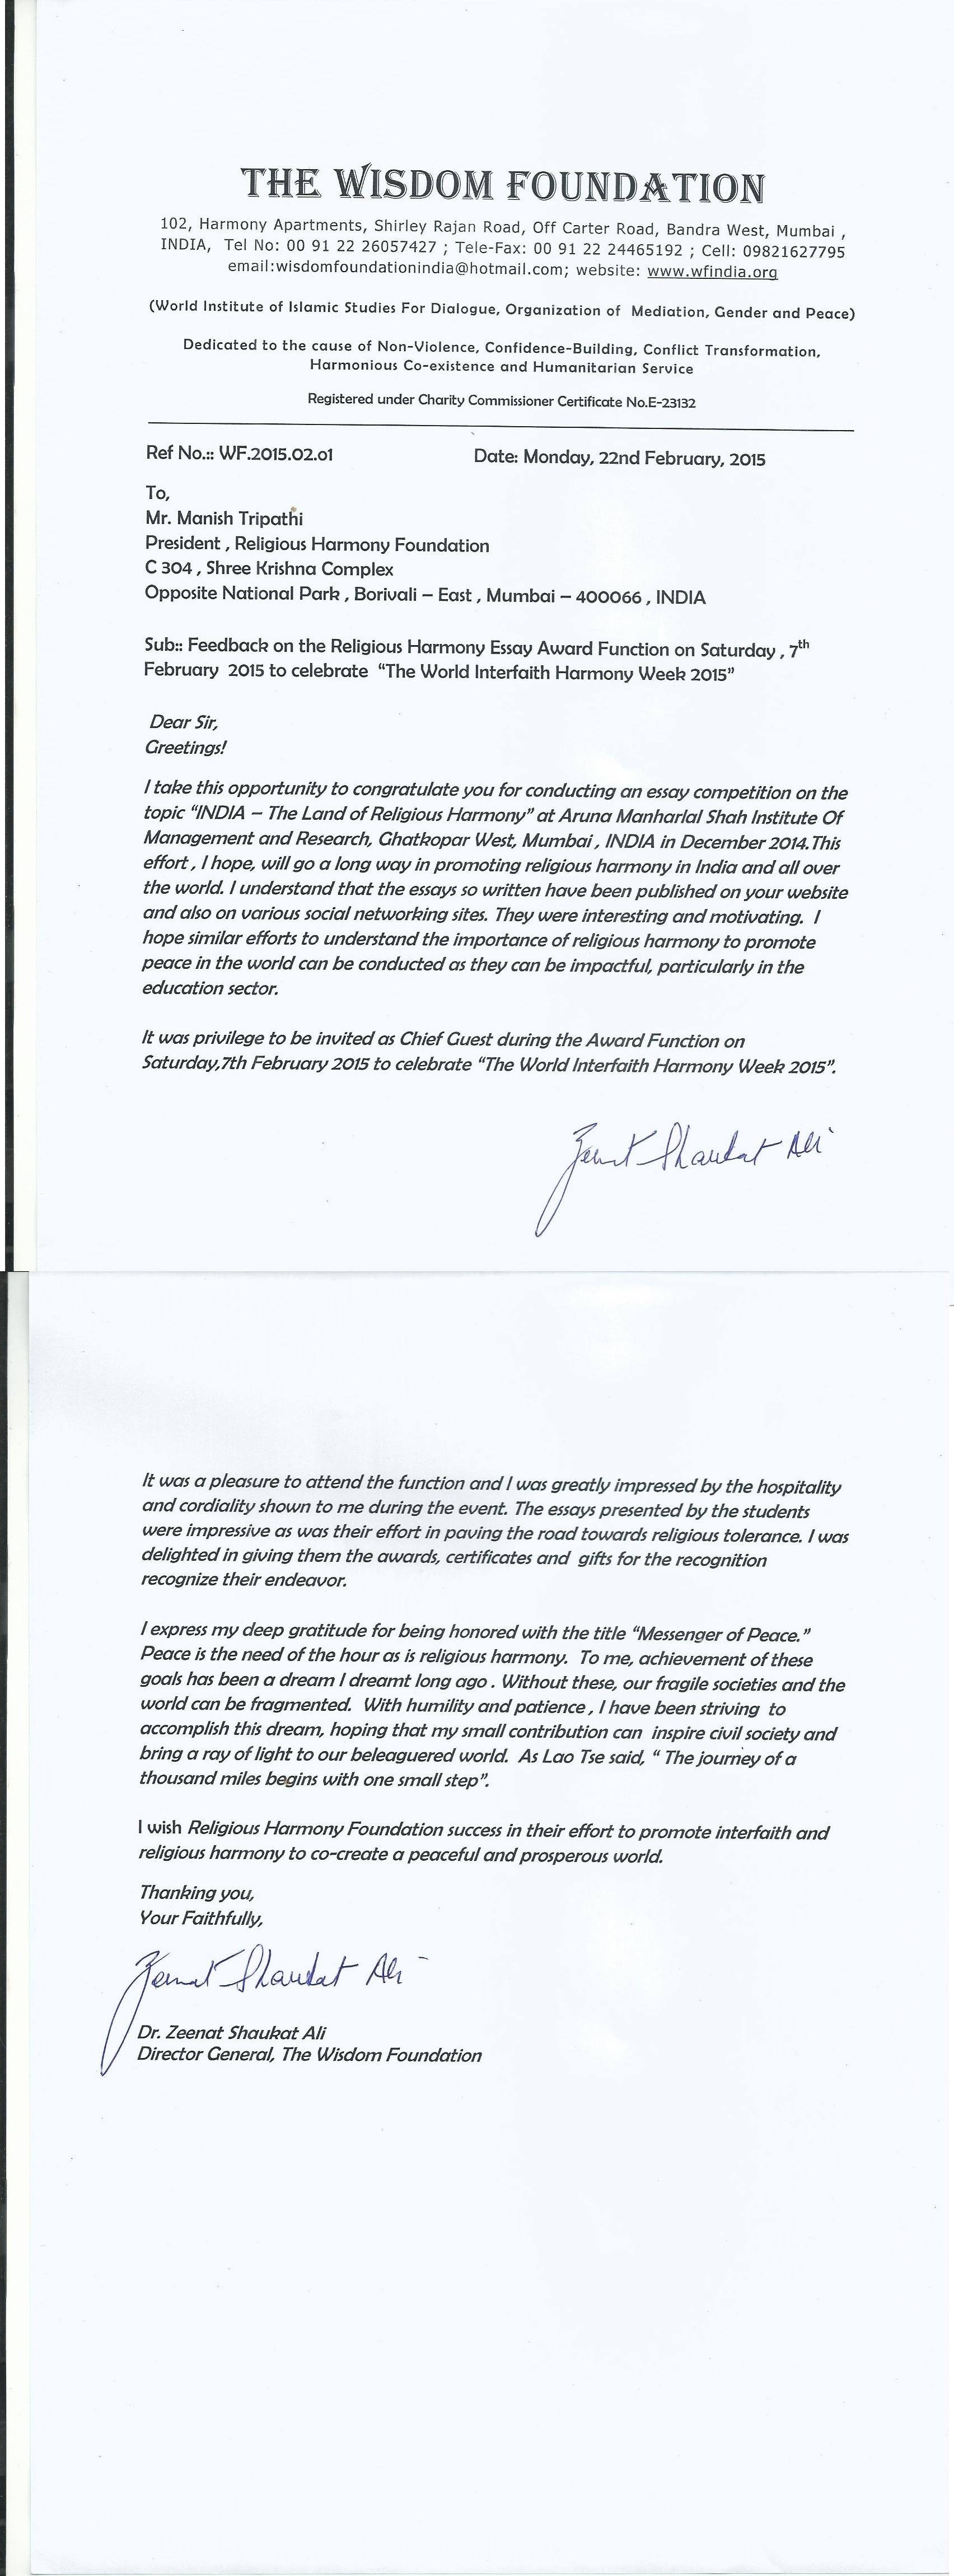 Feedback-Dr.-Zeenat-Shaukat-Ali-Religious-Harmony-Foundation-Mumbai.jpg